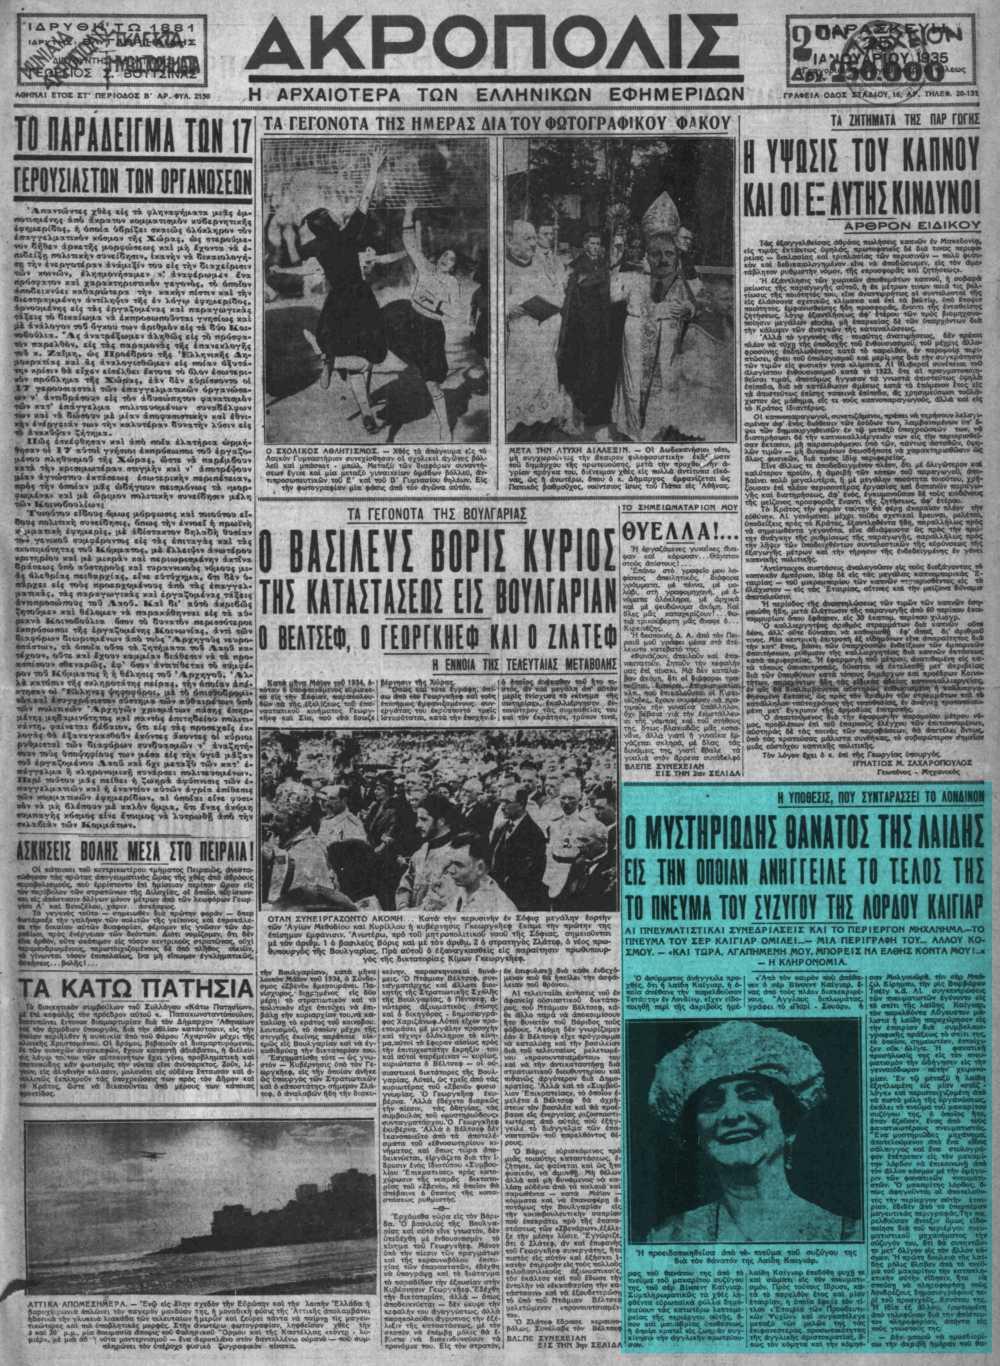 """Το άρθρο, όπως δημοσιεύθηκε στην εφημερίδα """"ΑΚΡΟΠΟΛΙΣ"""", στις 25/01/1935"""